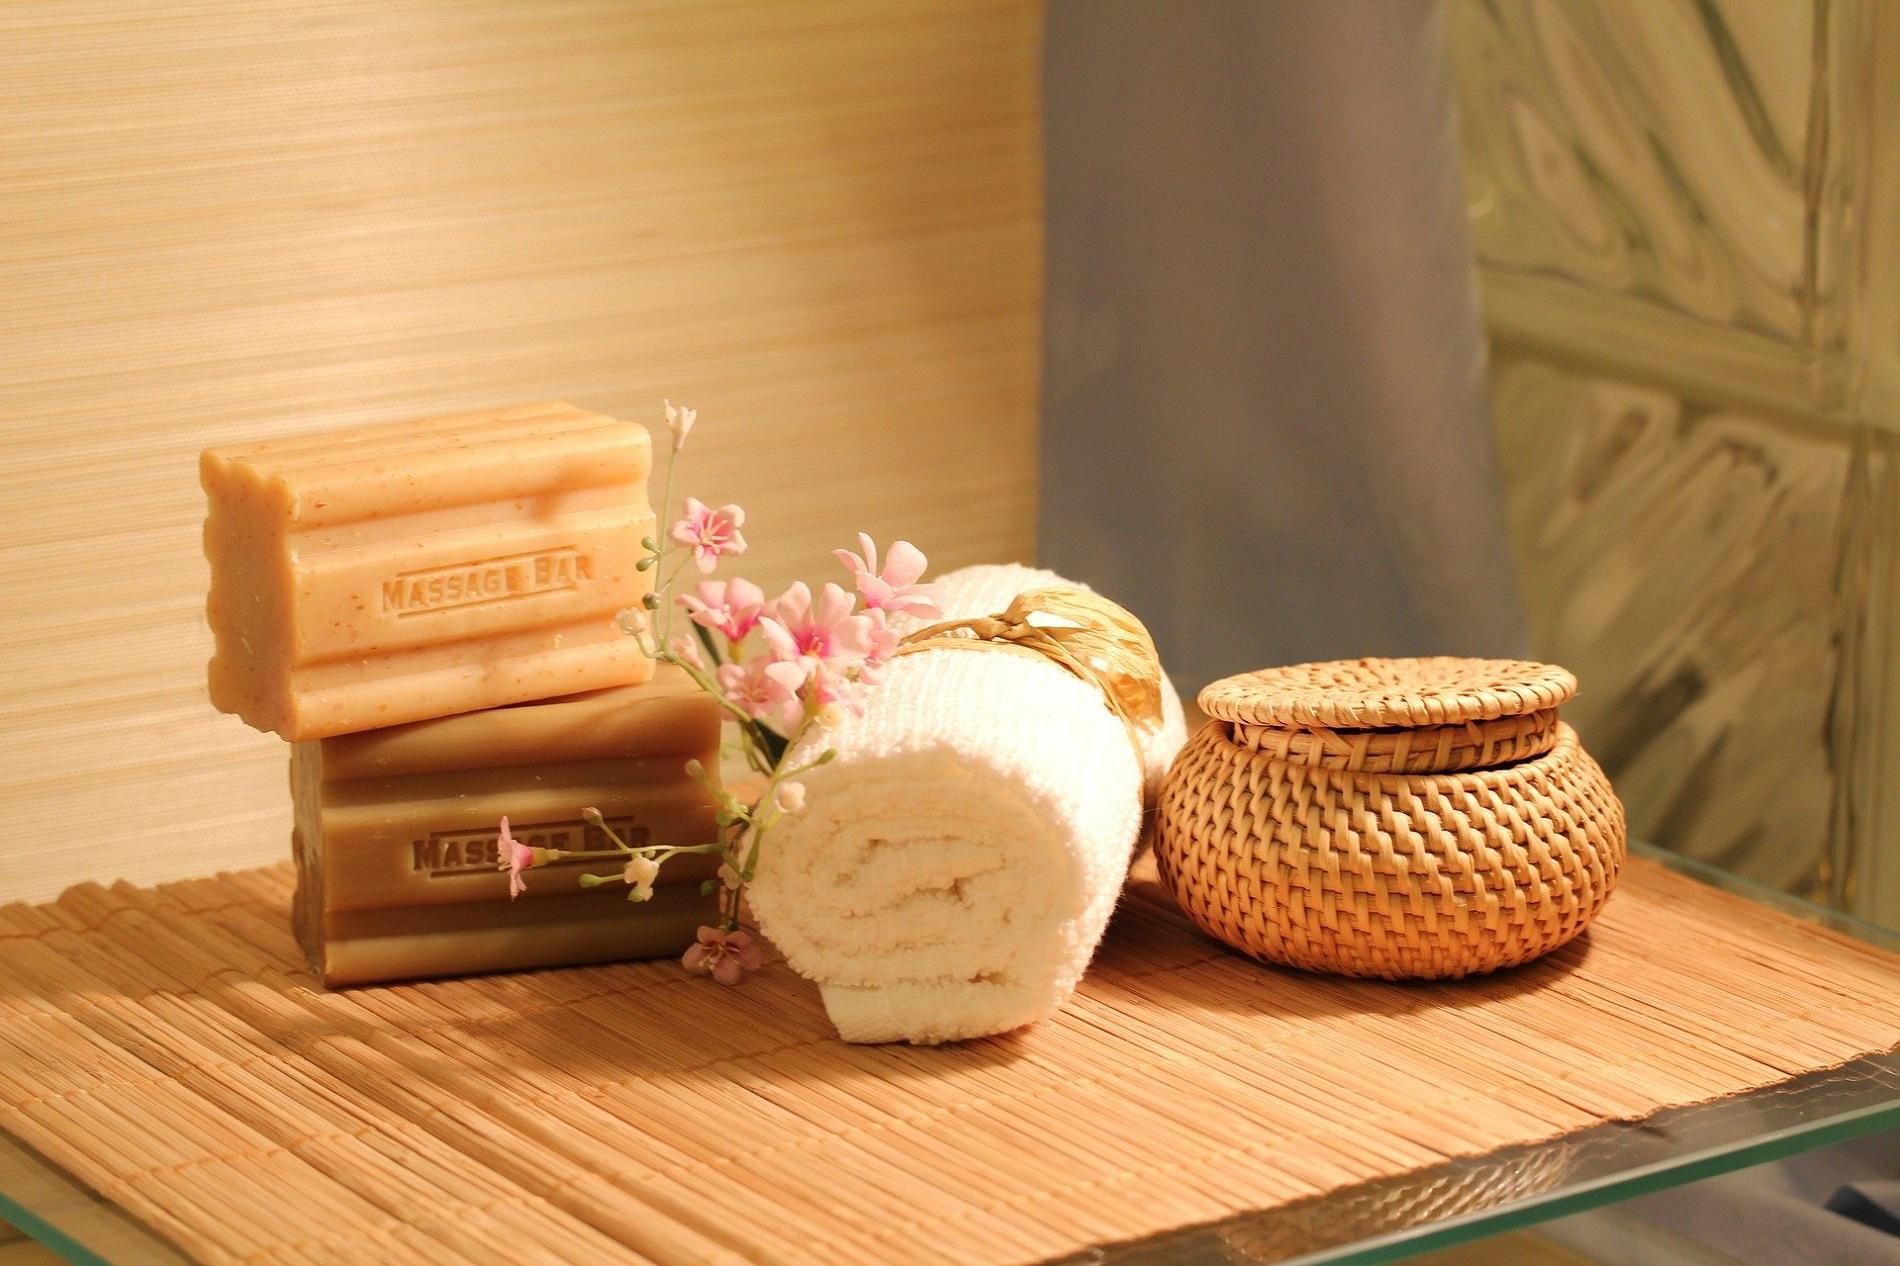 Une jolie décoration pour une table de massage avec serviette douce, fleurs et savons